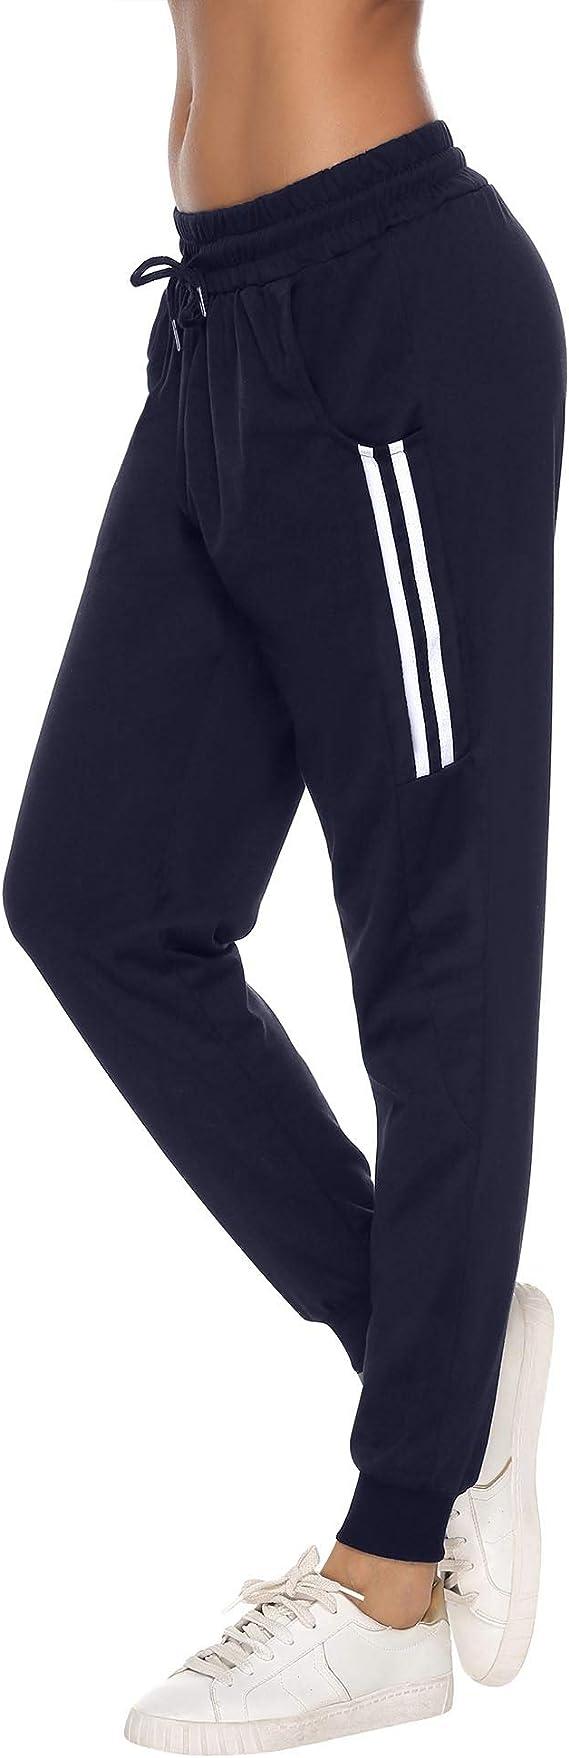 Pantalones Ligeros y Suaves Pantalones de Fitness c/ómodos Sykooria Pantalones de Ocio para Mujer Pantalones de Jogging Pantalones de Campana Pantalones Deportivos con Cinta de Bolsillos